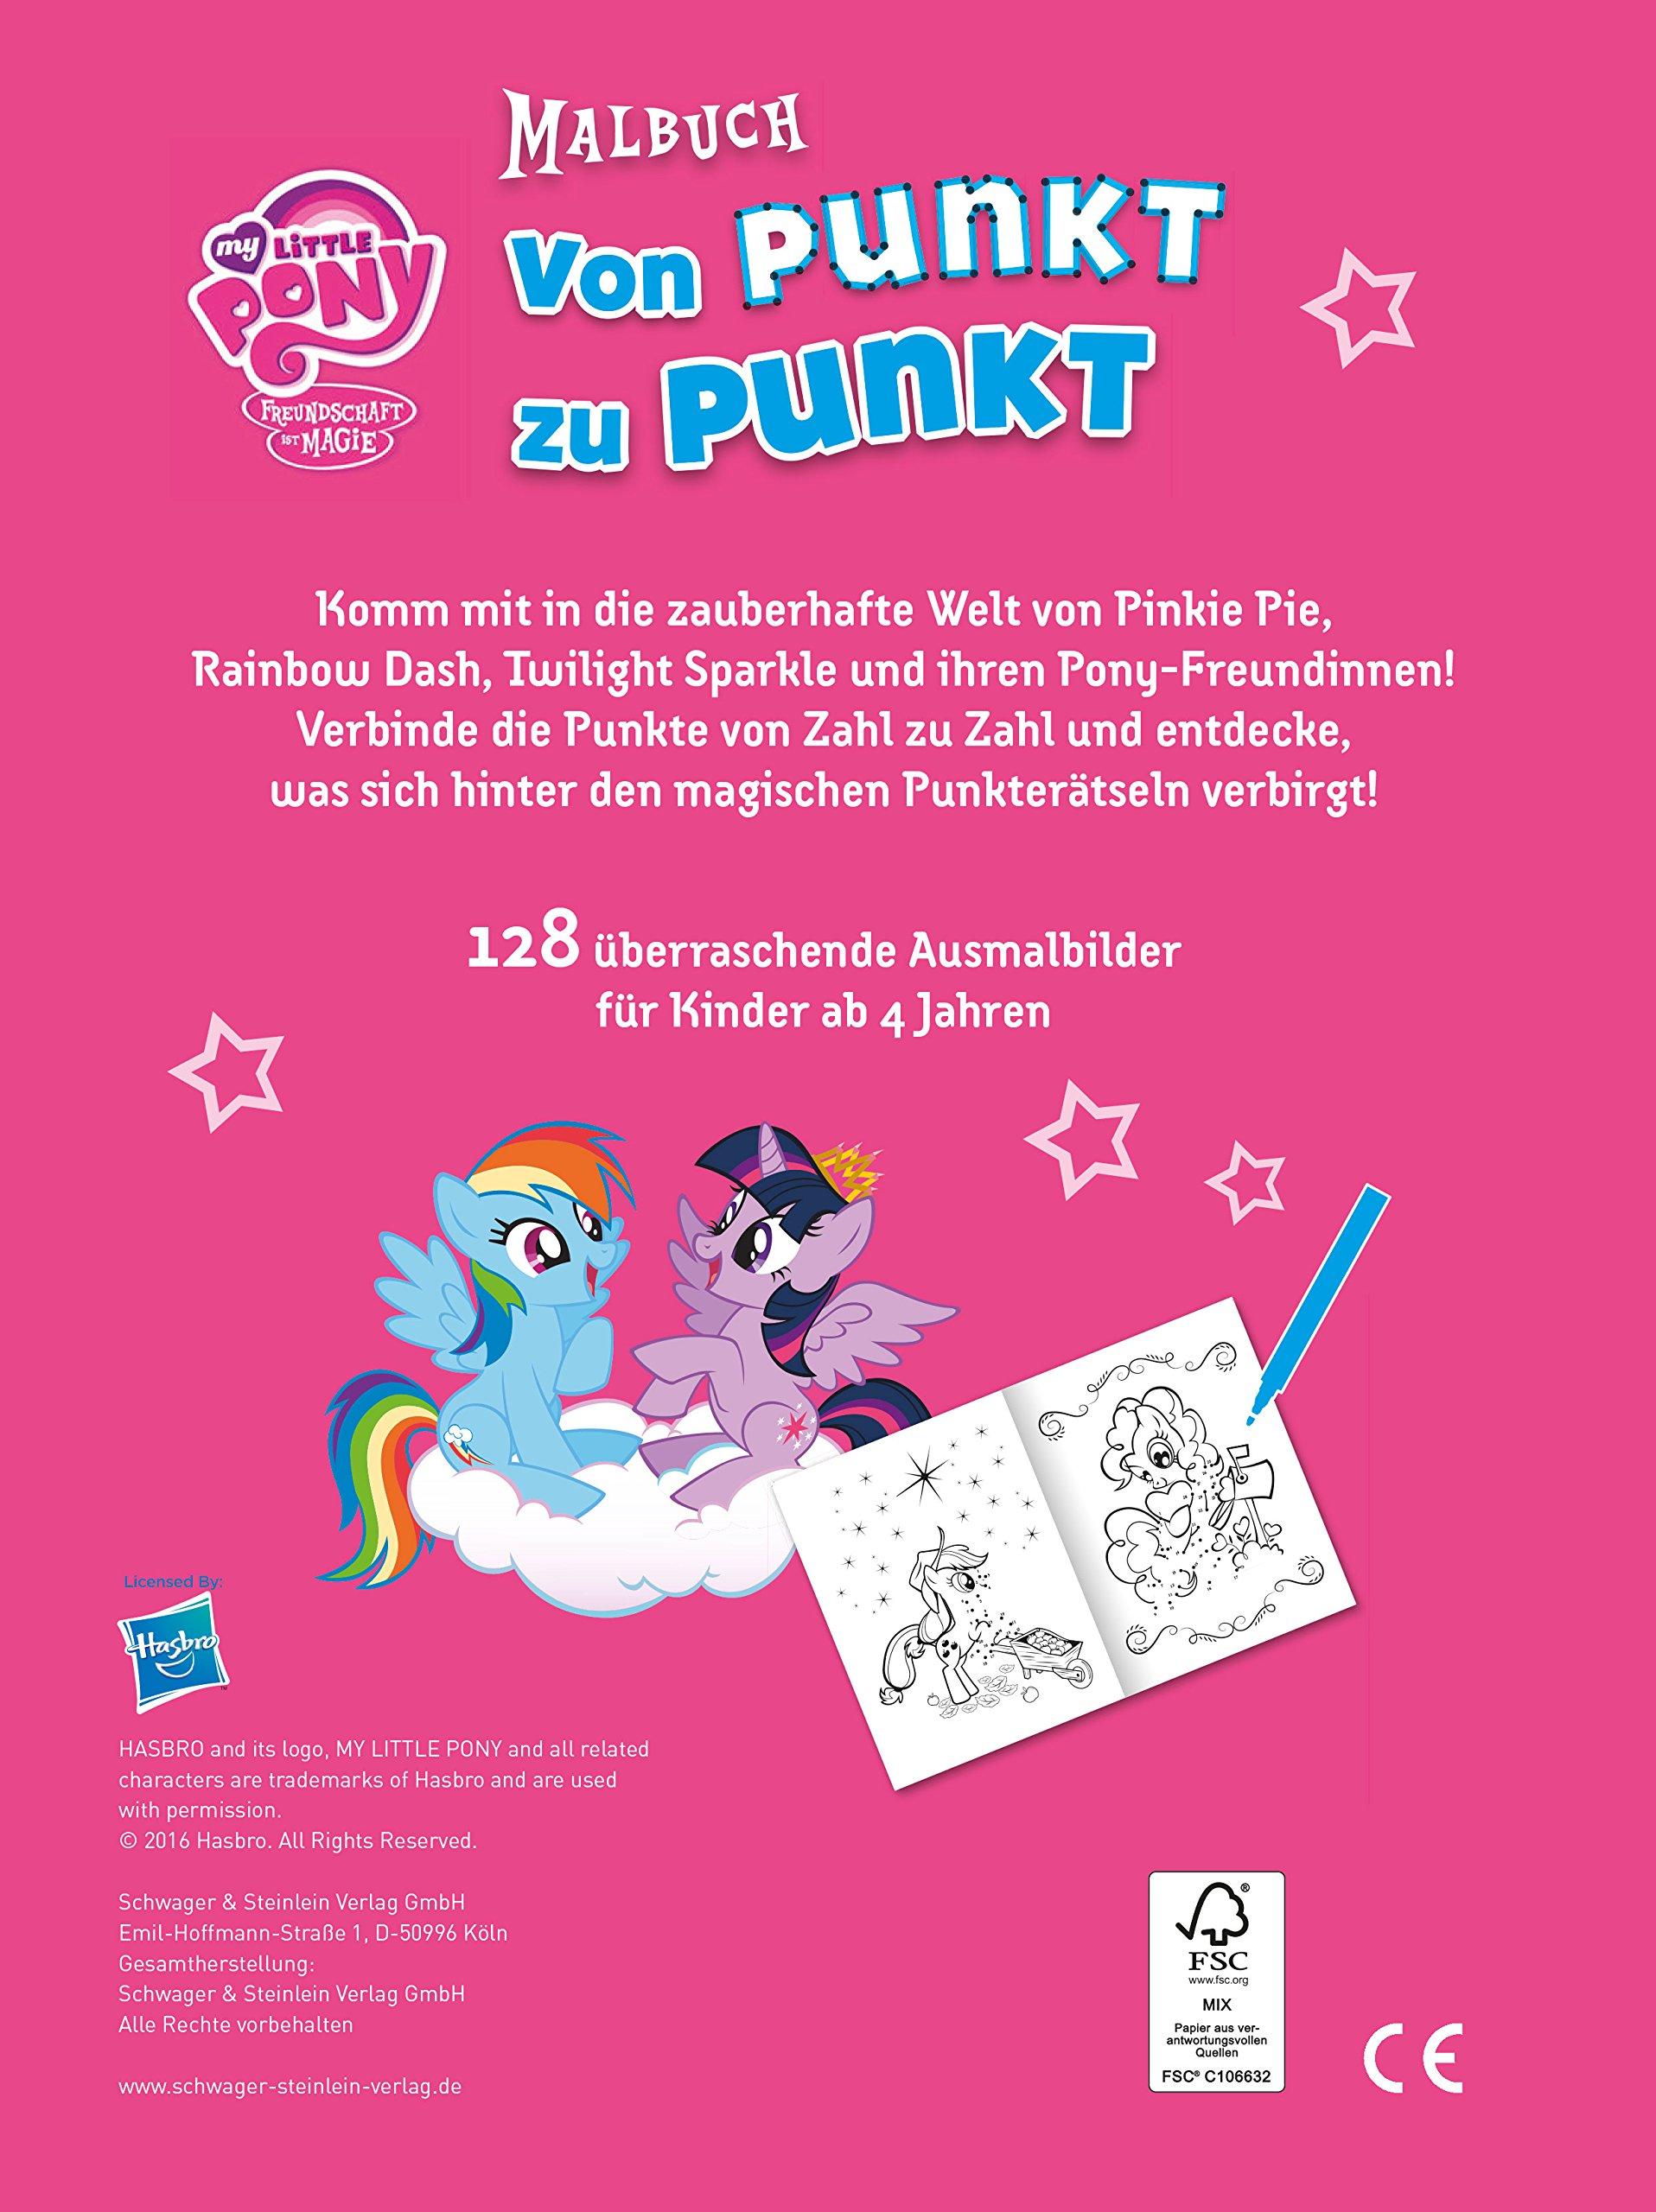 My Little Pony Von Punkt Zu Punkt Malbuch Amazon De Bücher